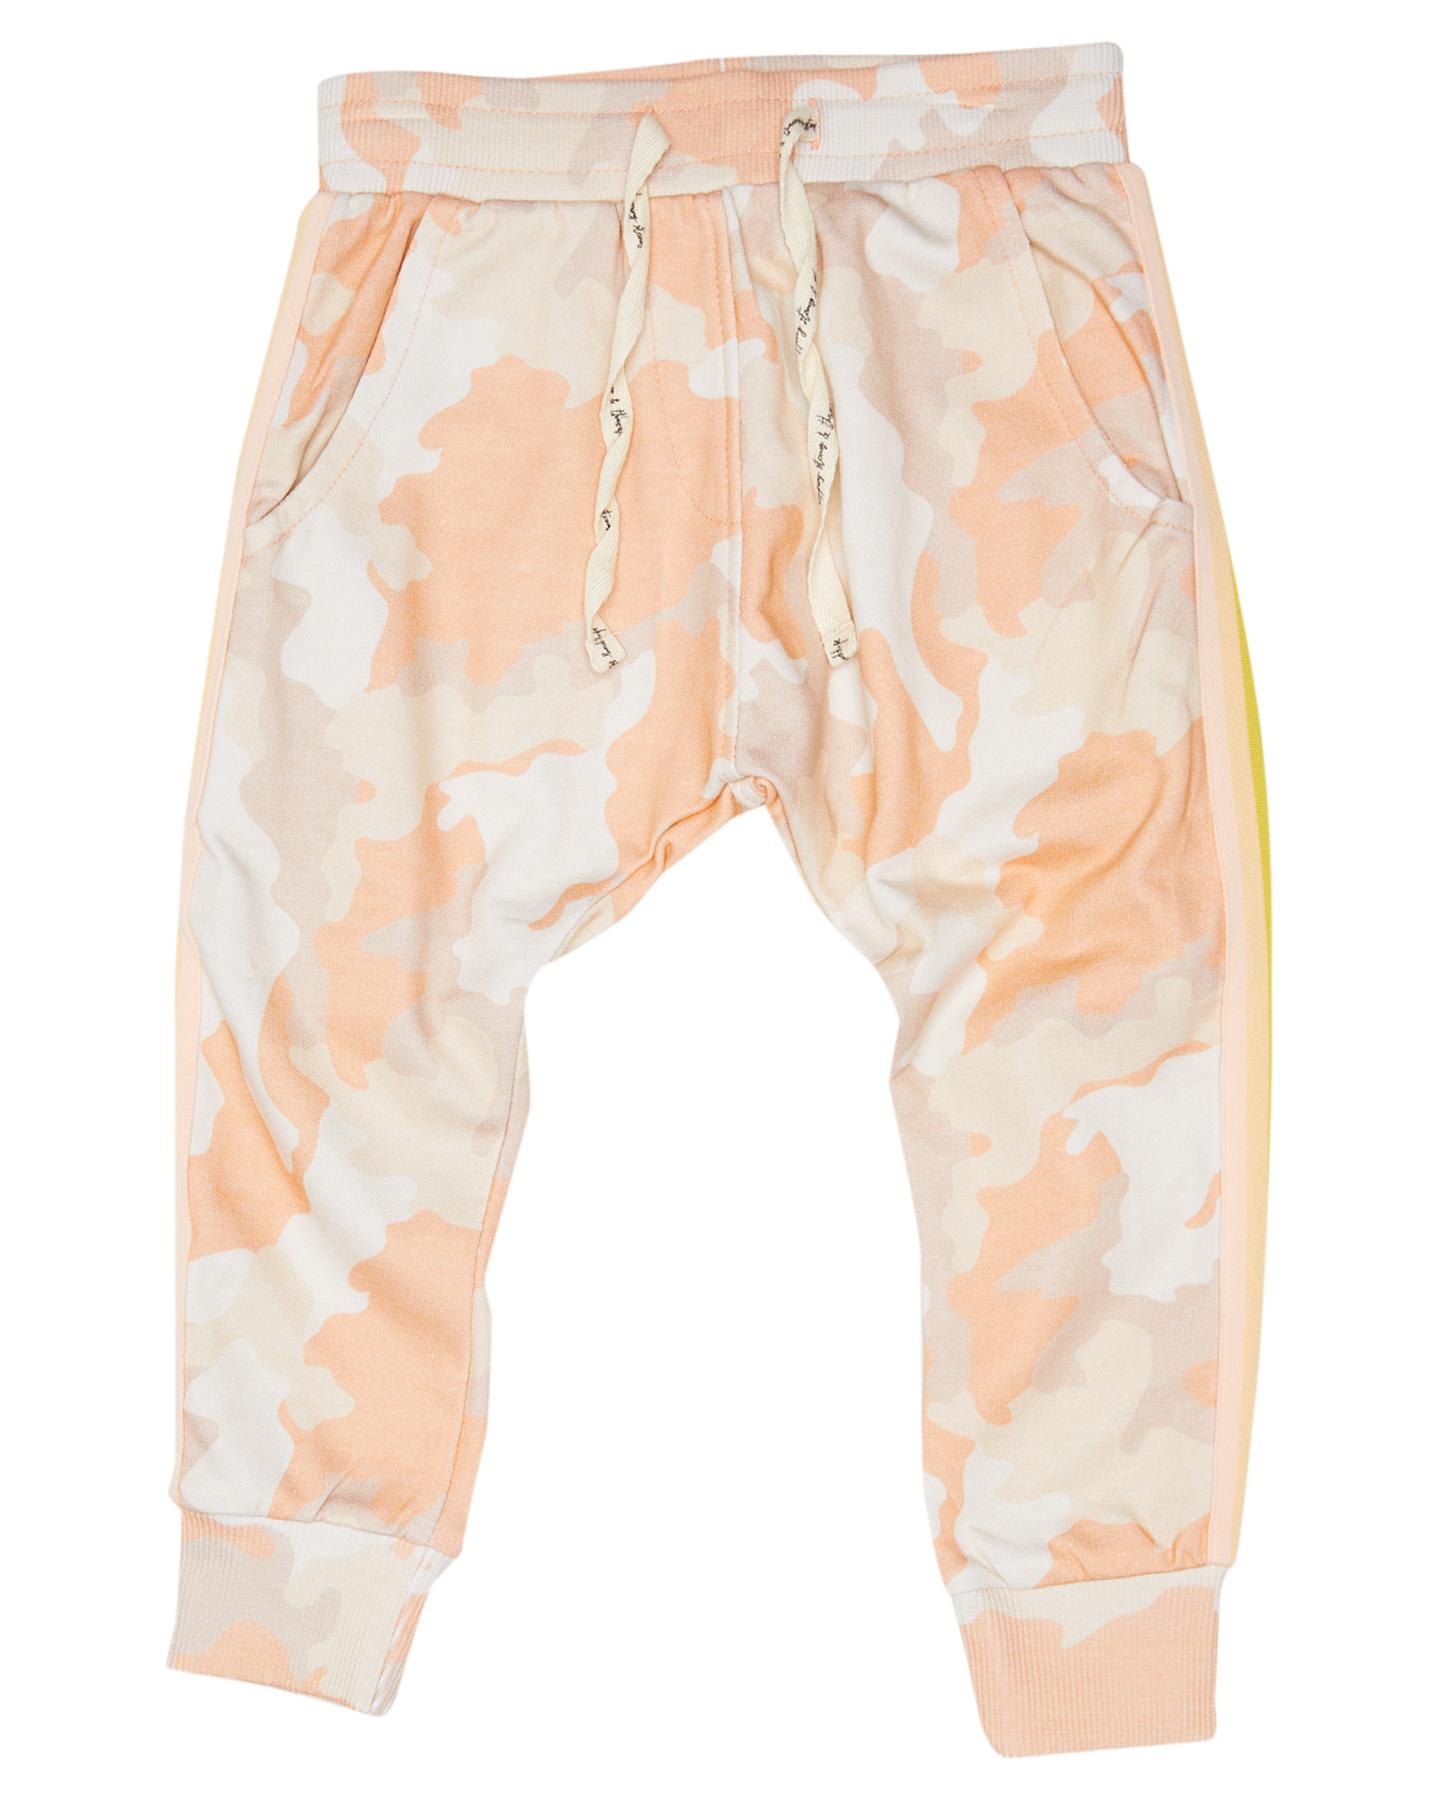 Munster Kids Girls Enchanted Fleece Pant - Kids Pastel Camo